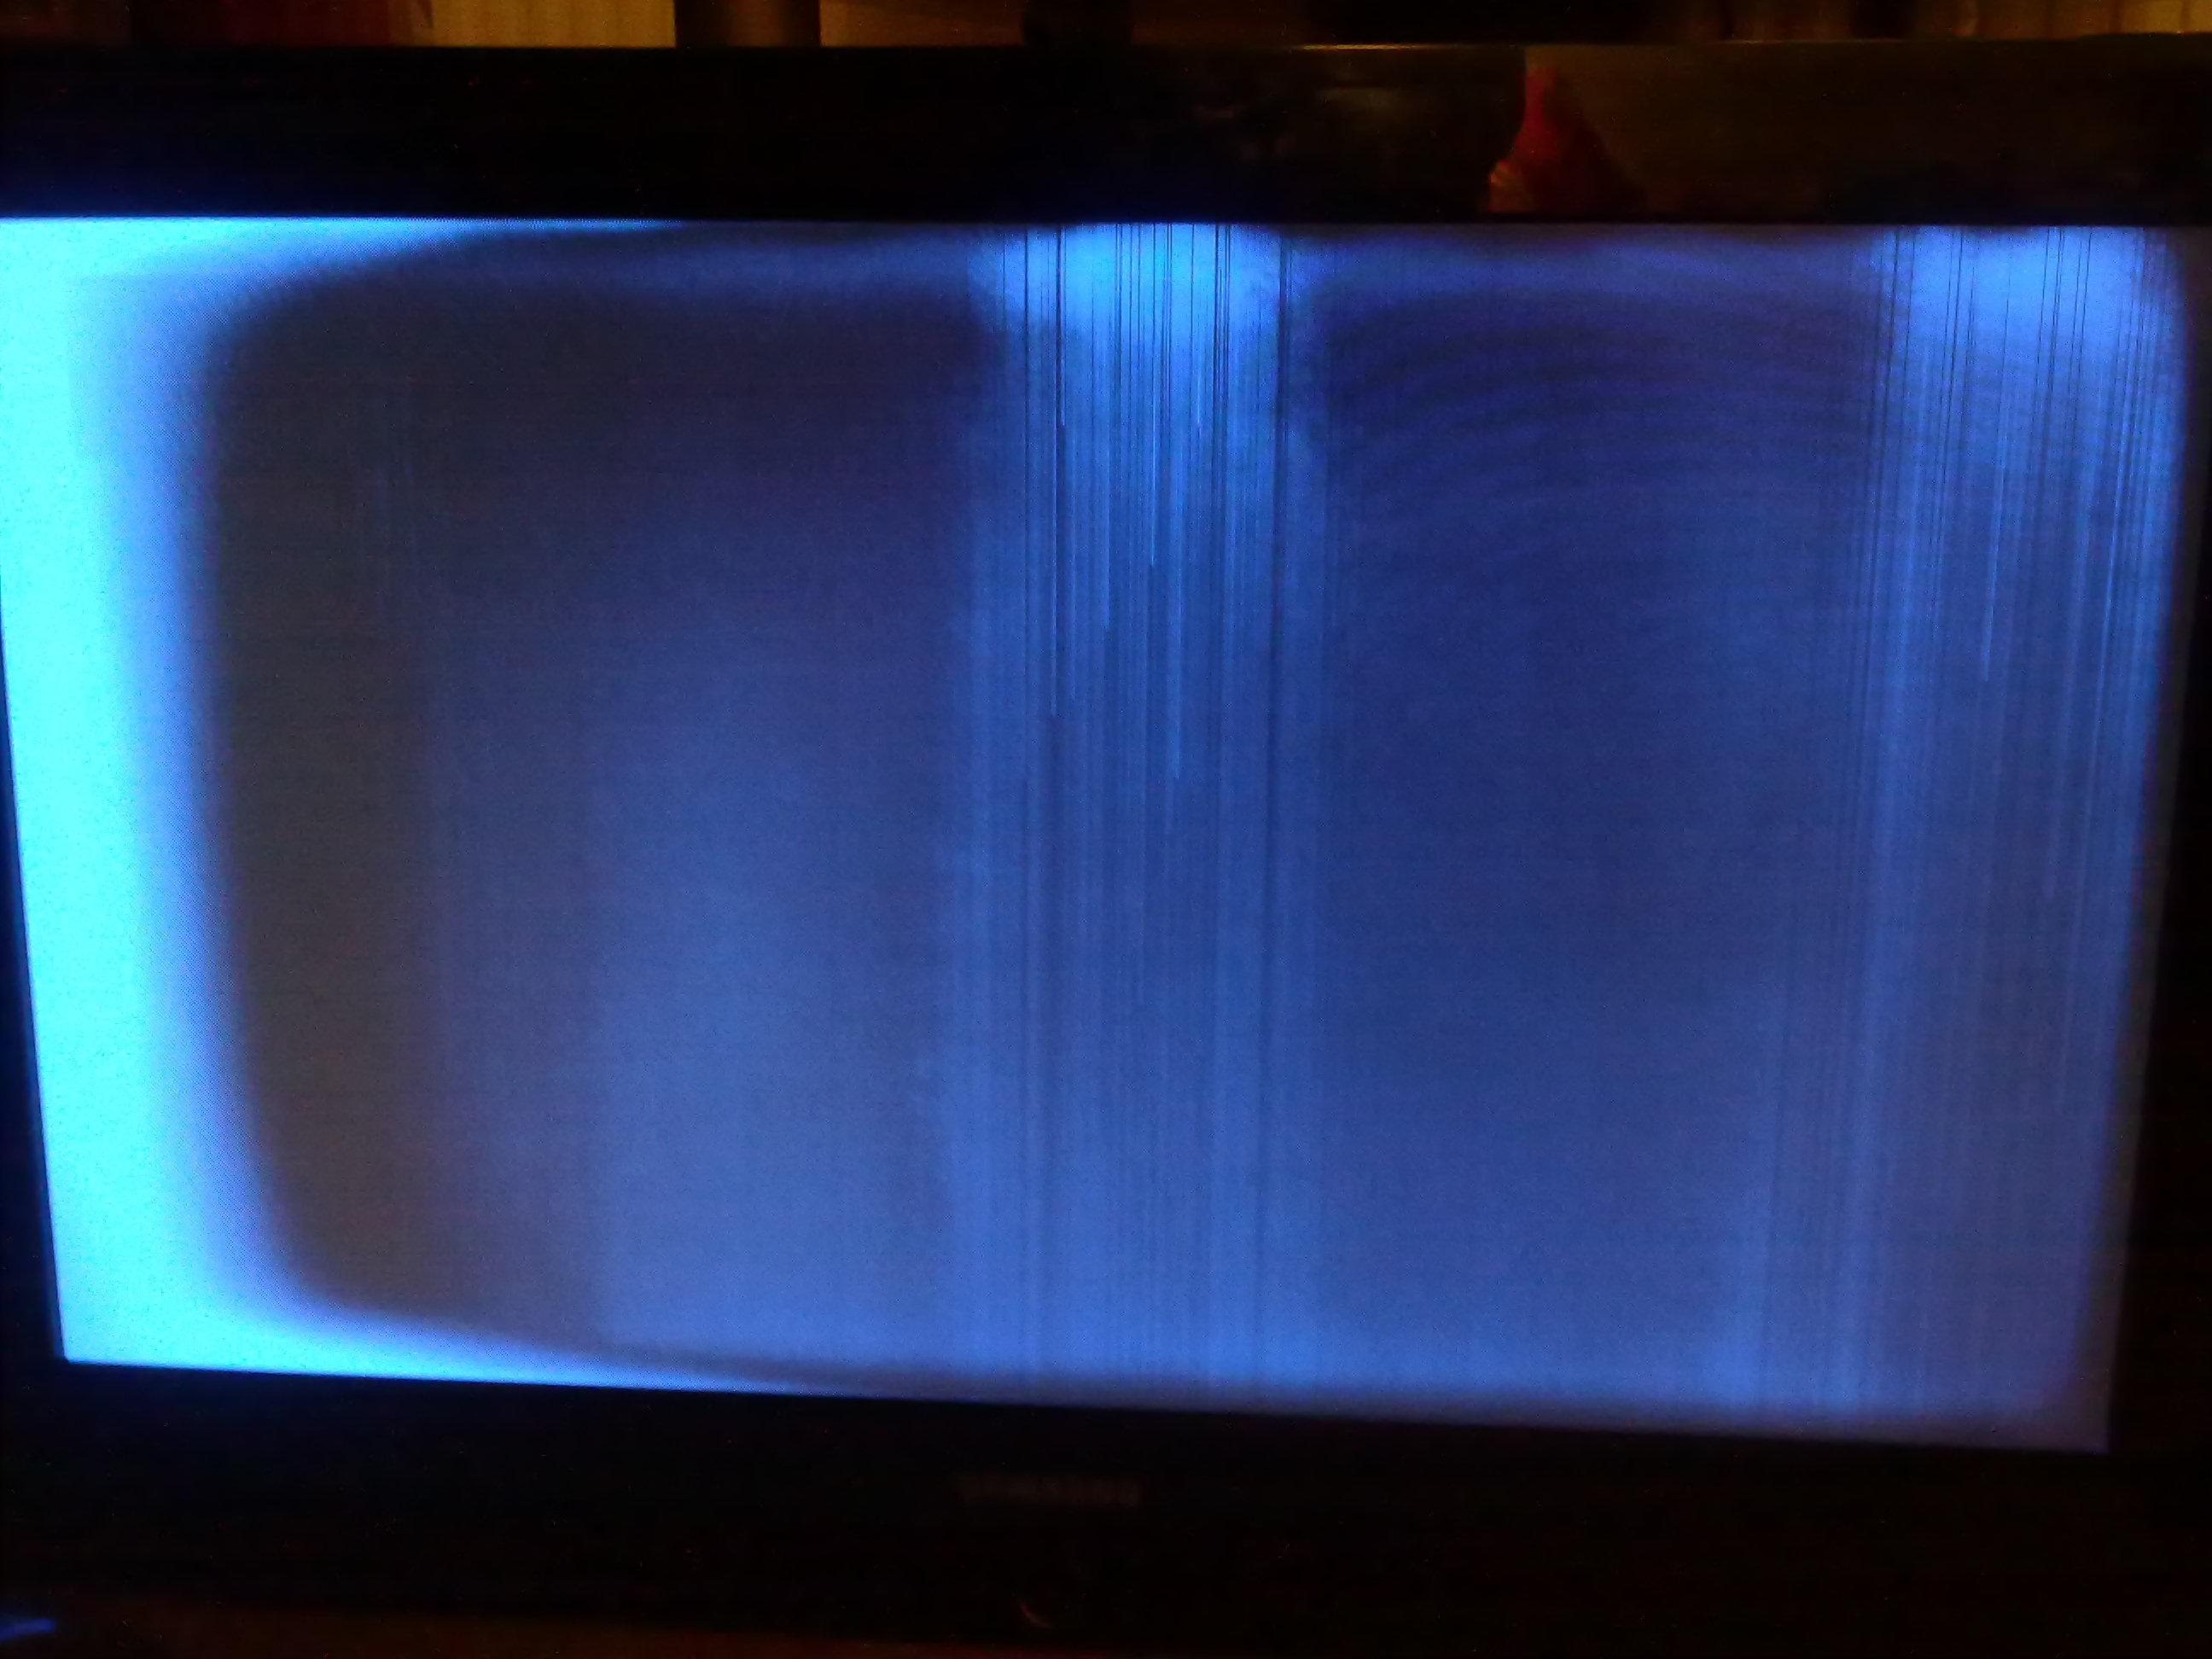 Samsung LE32S62B - zanika obraz, pojawiaj� si� pionowe pasy